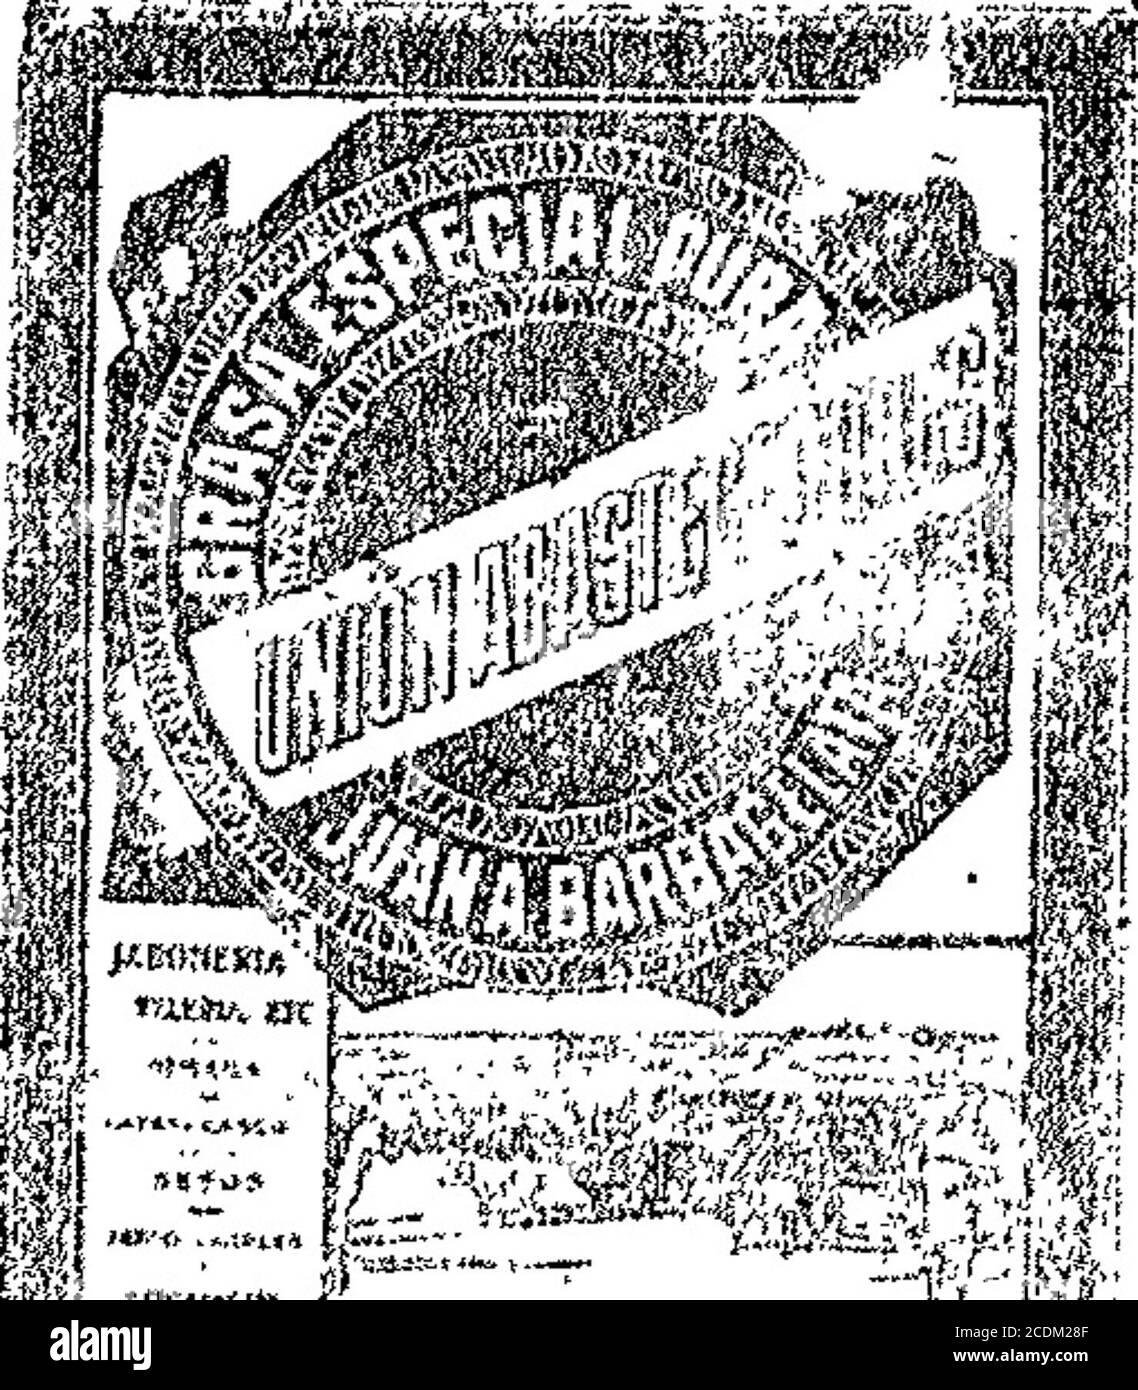 . Boletín Oficial de la República Argentina. 1910 1ra sección . Septiembre 28 tle ¡1910.—Hirsoliherg ,y C:.*o. tíri/h-ia,—Artículos fie las clasesu 79. - v-5 octubre. Acta N 31.015. Acta JNo. 31.019 1.Ü Septiembre 28 de 1,910,--David HosfgCo.—Artículos de fftsjdasíjs S ó i. ? v-5 ocf;.<ie. Acta No. 31.020 Stock Photo